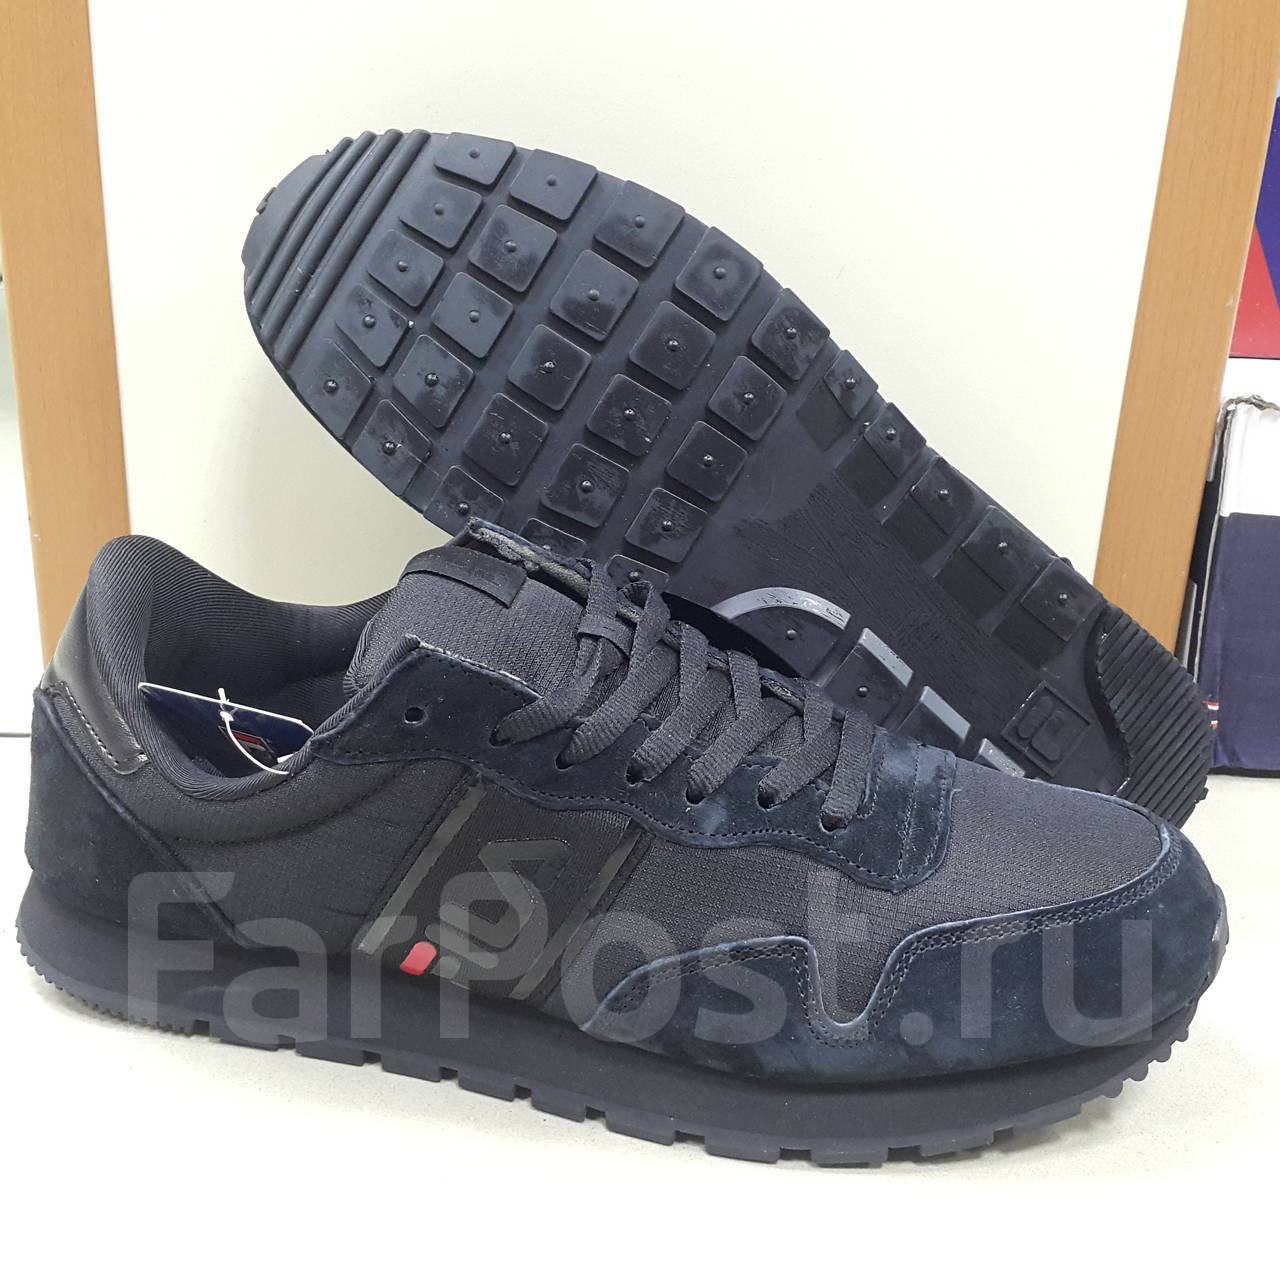 5c30b1107741 Мужская обувь - купить во Владивостоке. Цены, фото!